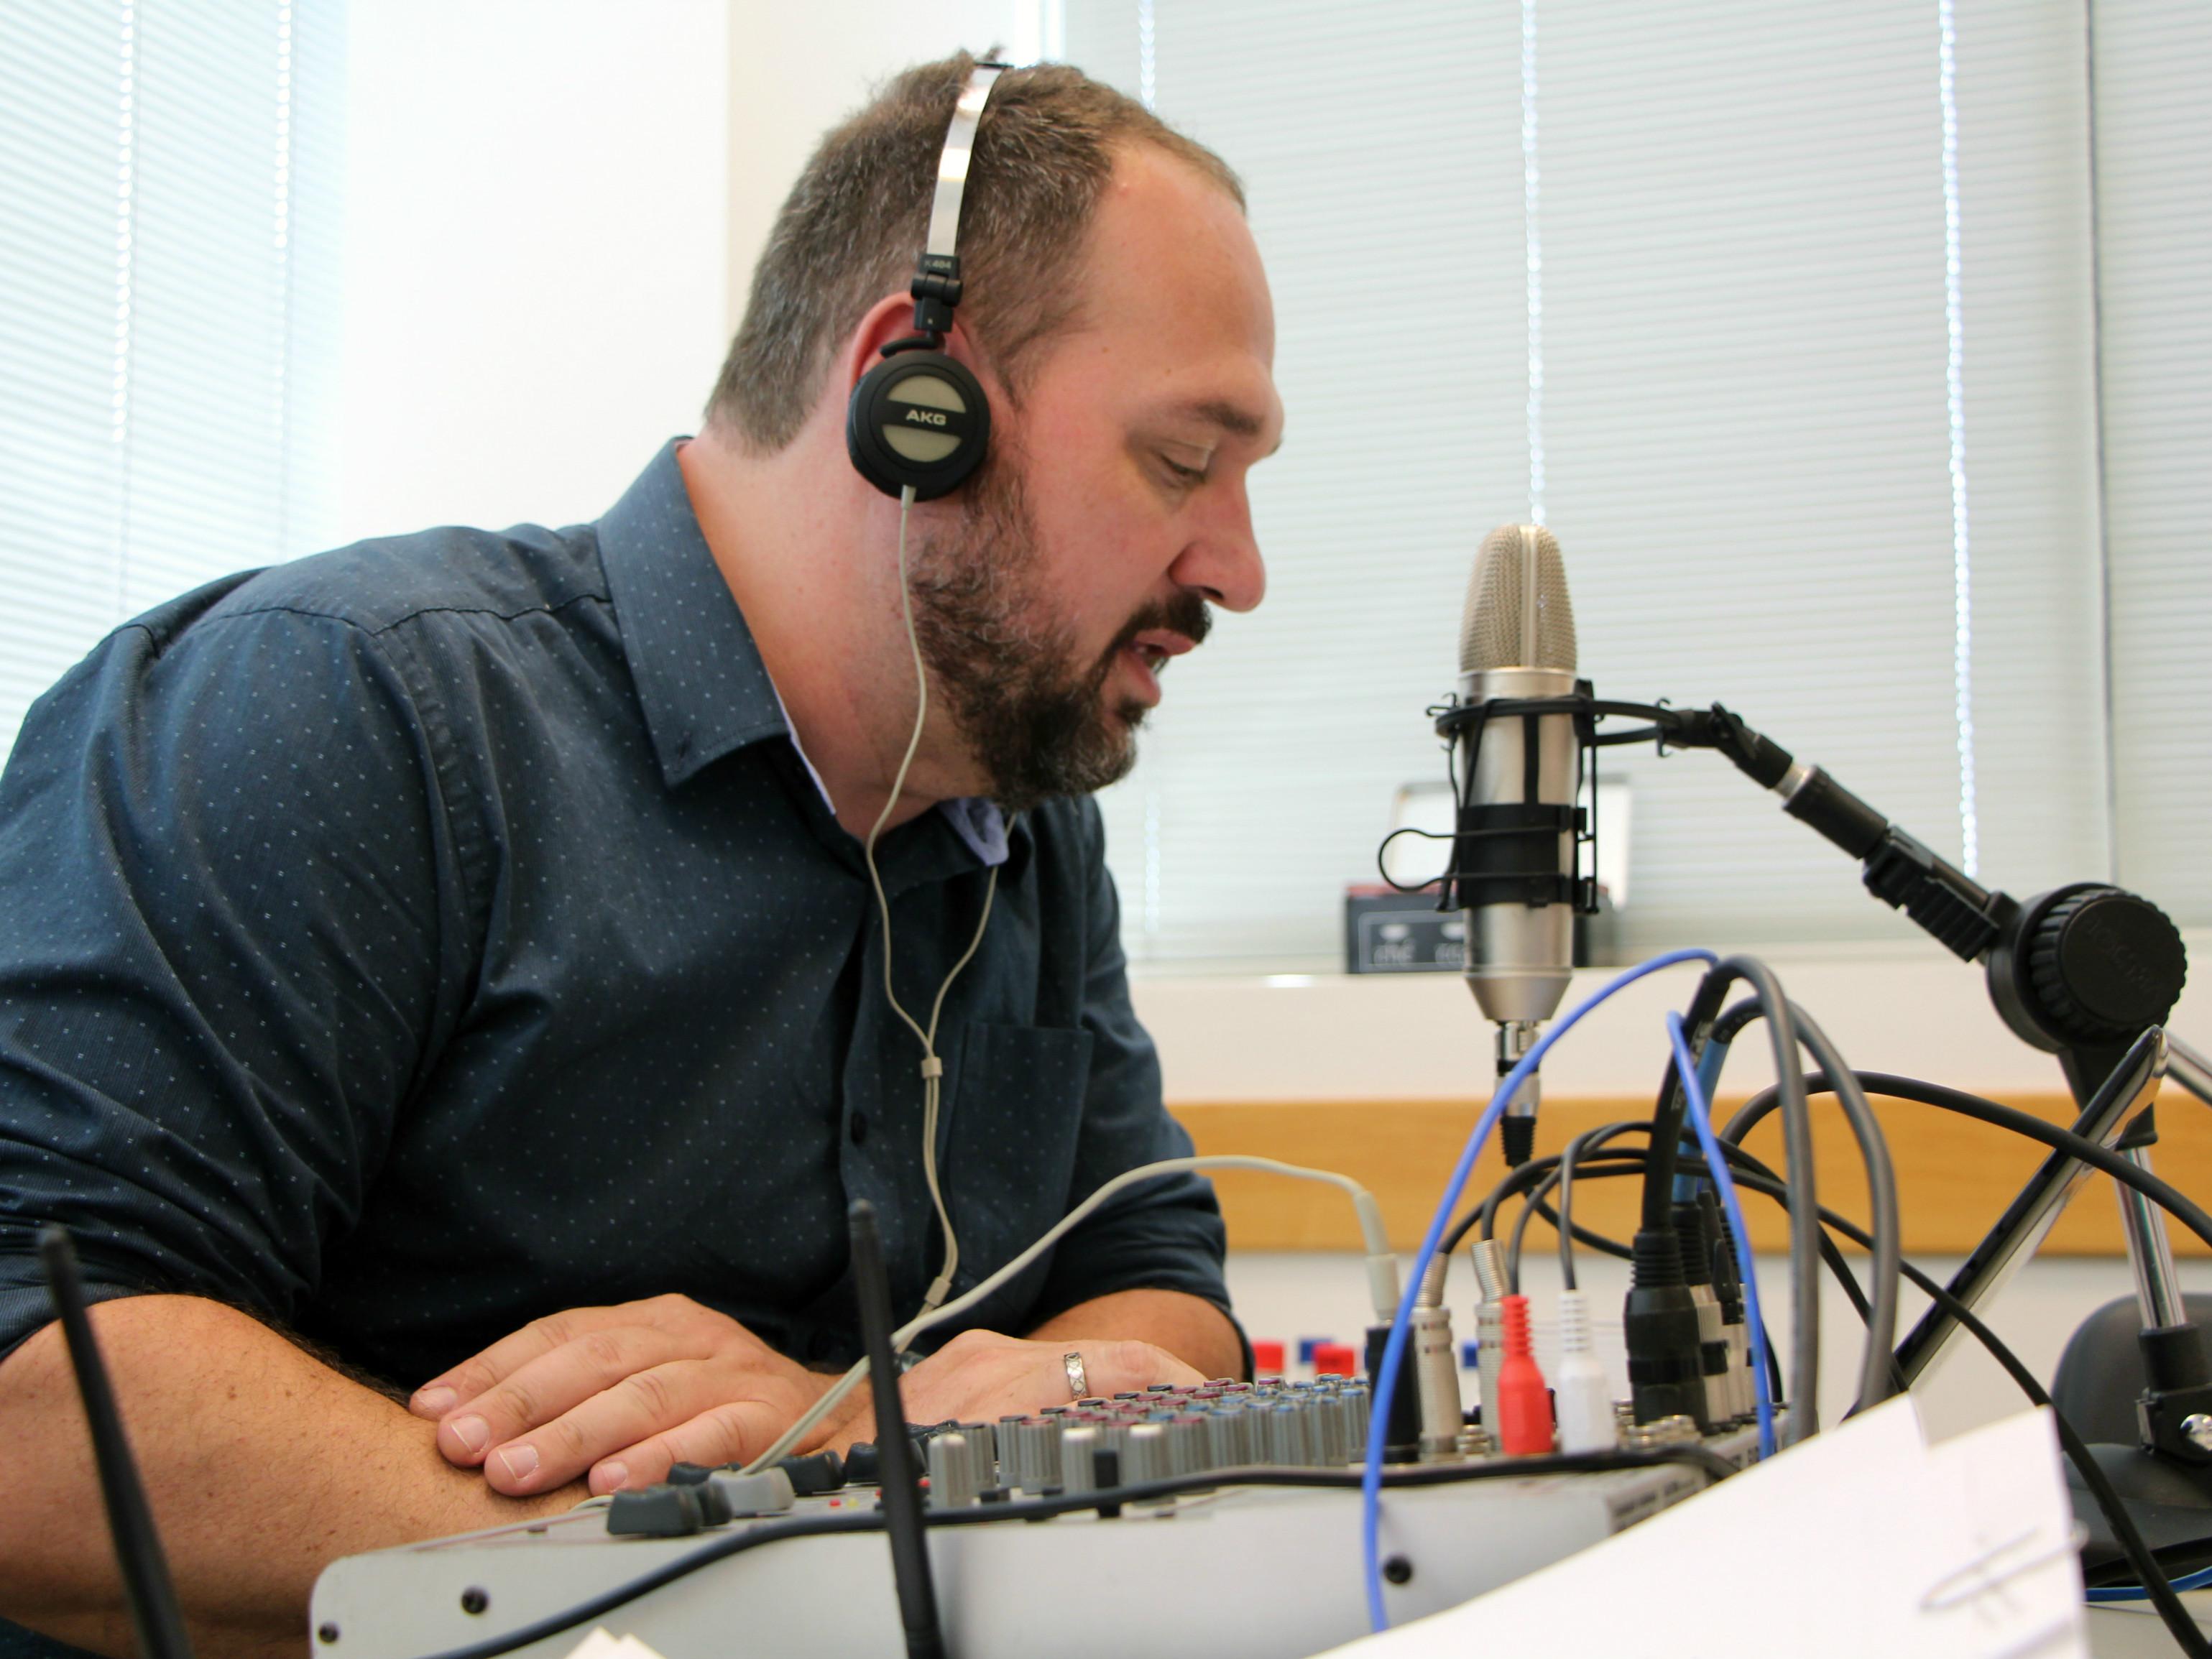 Locutor e apresentador da Rádio Arquitetura, Alexandre Sebold.